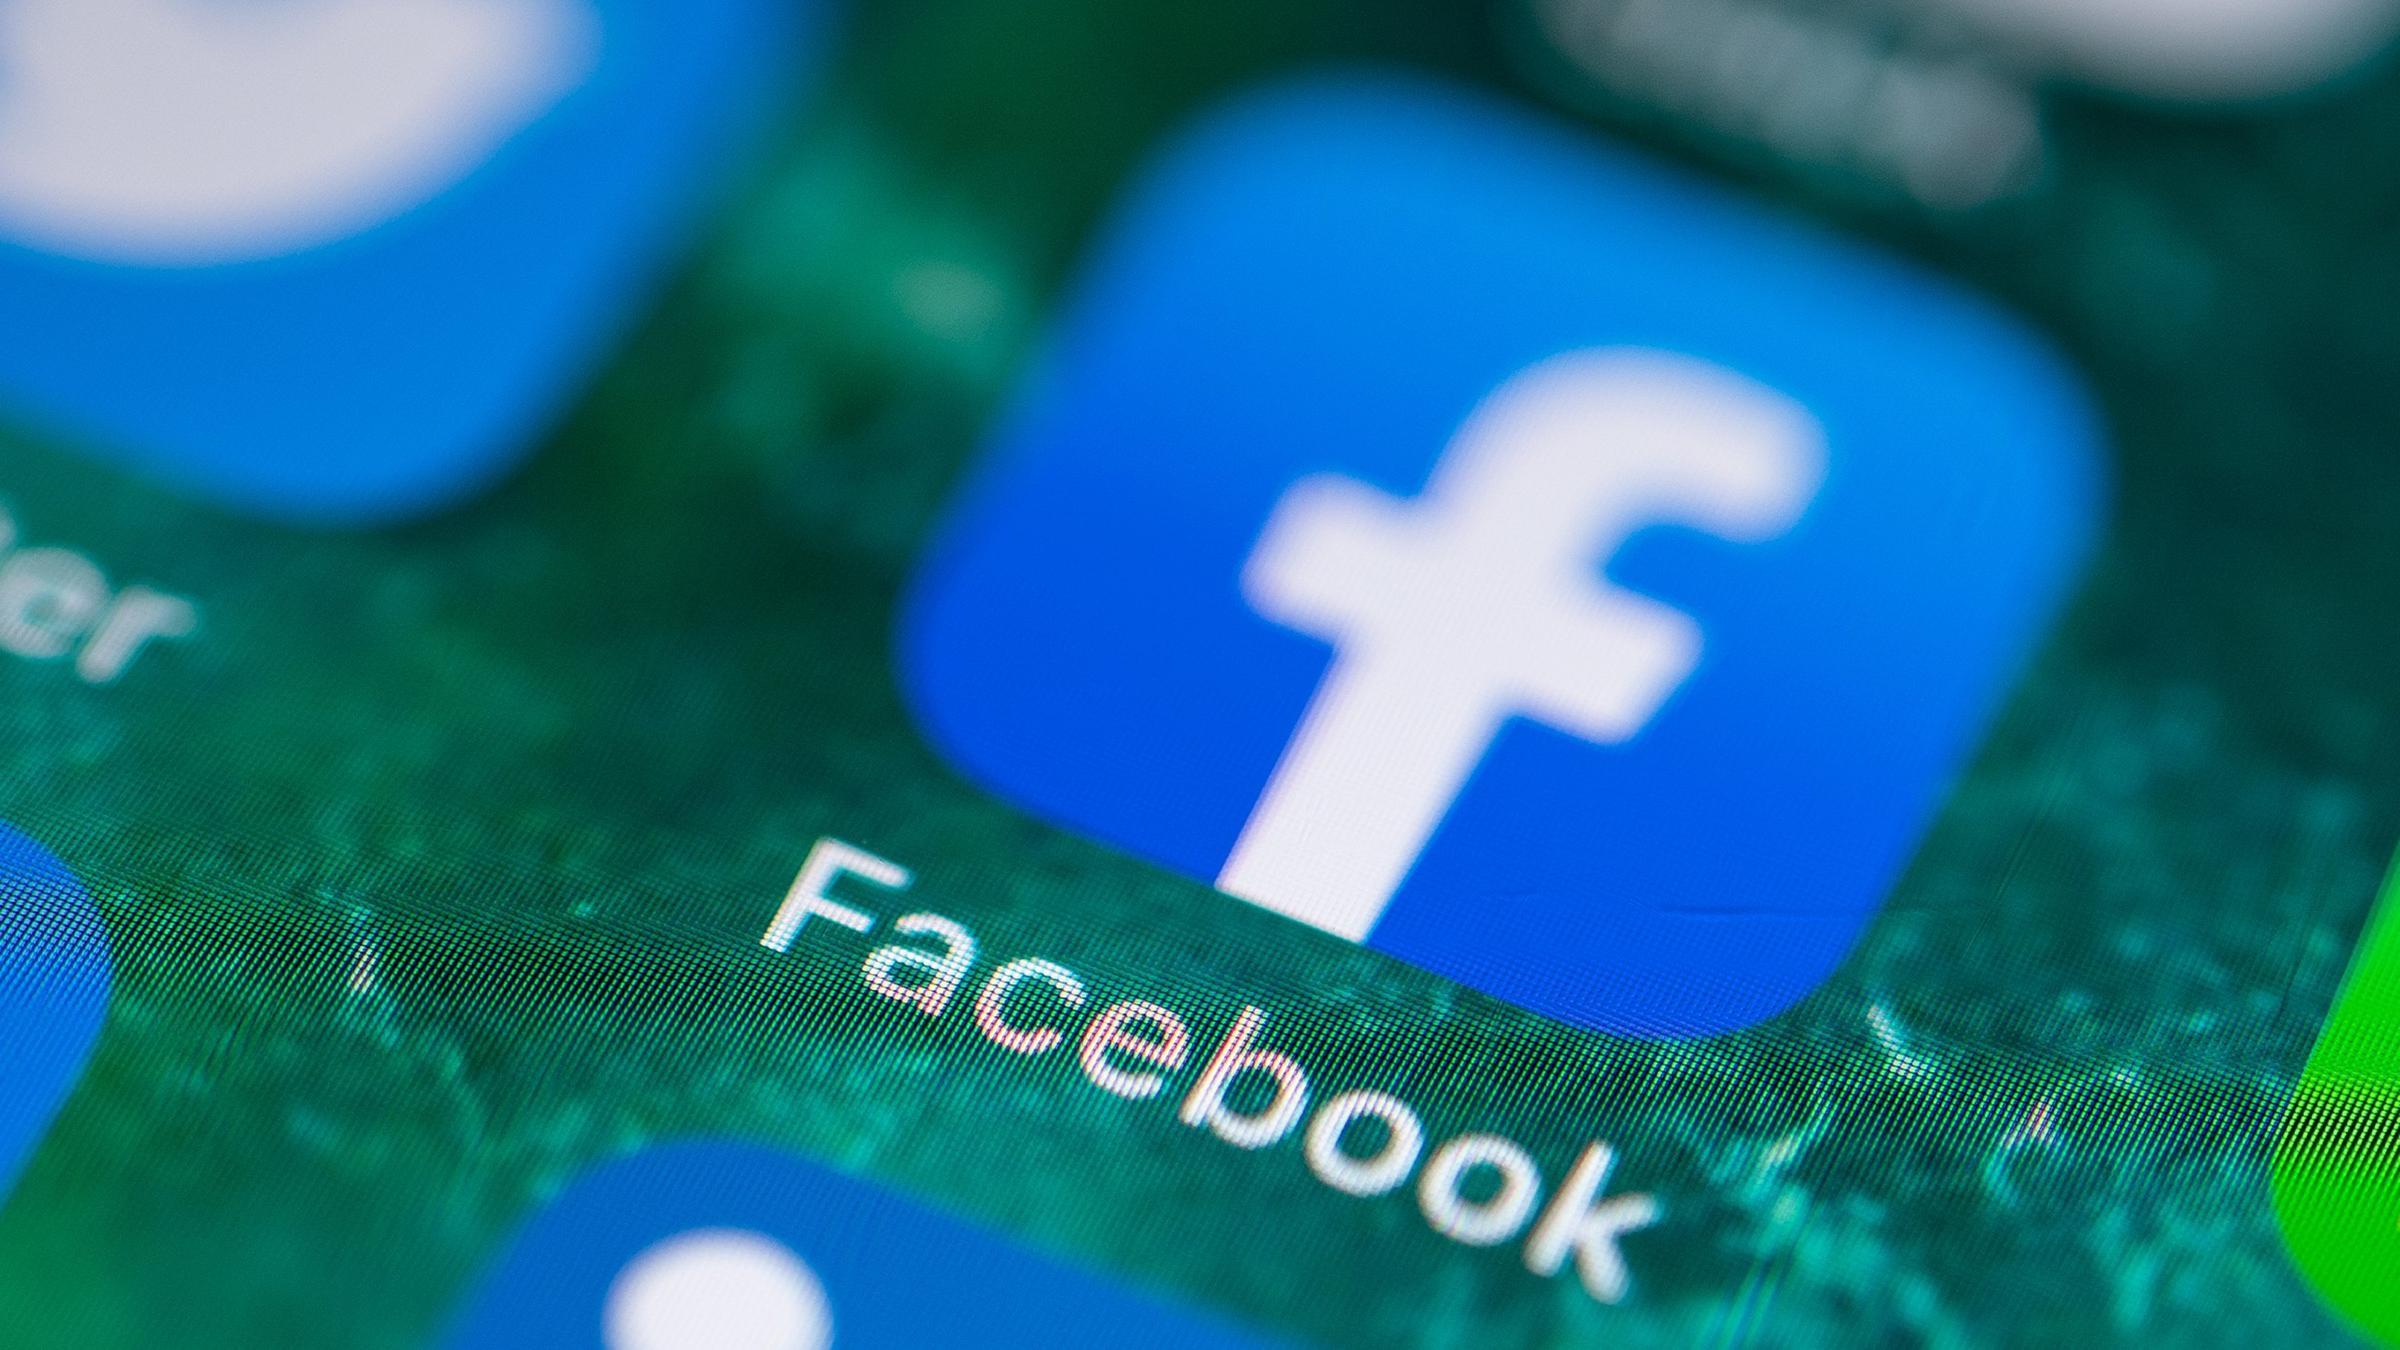 Geht zahl facebook nicht weg app Zahl bei